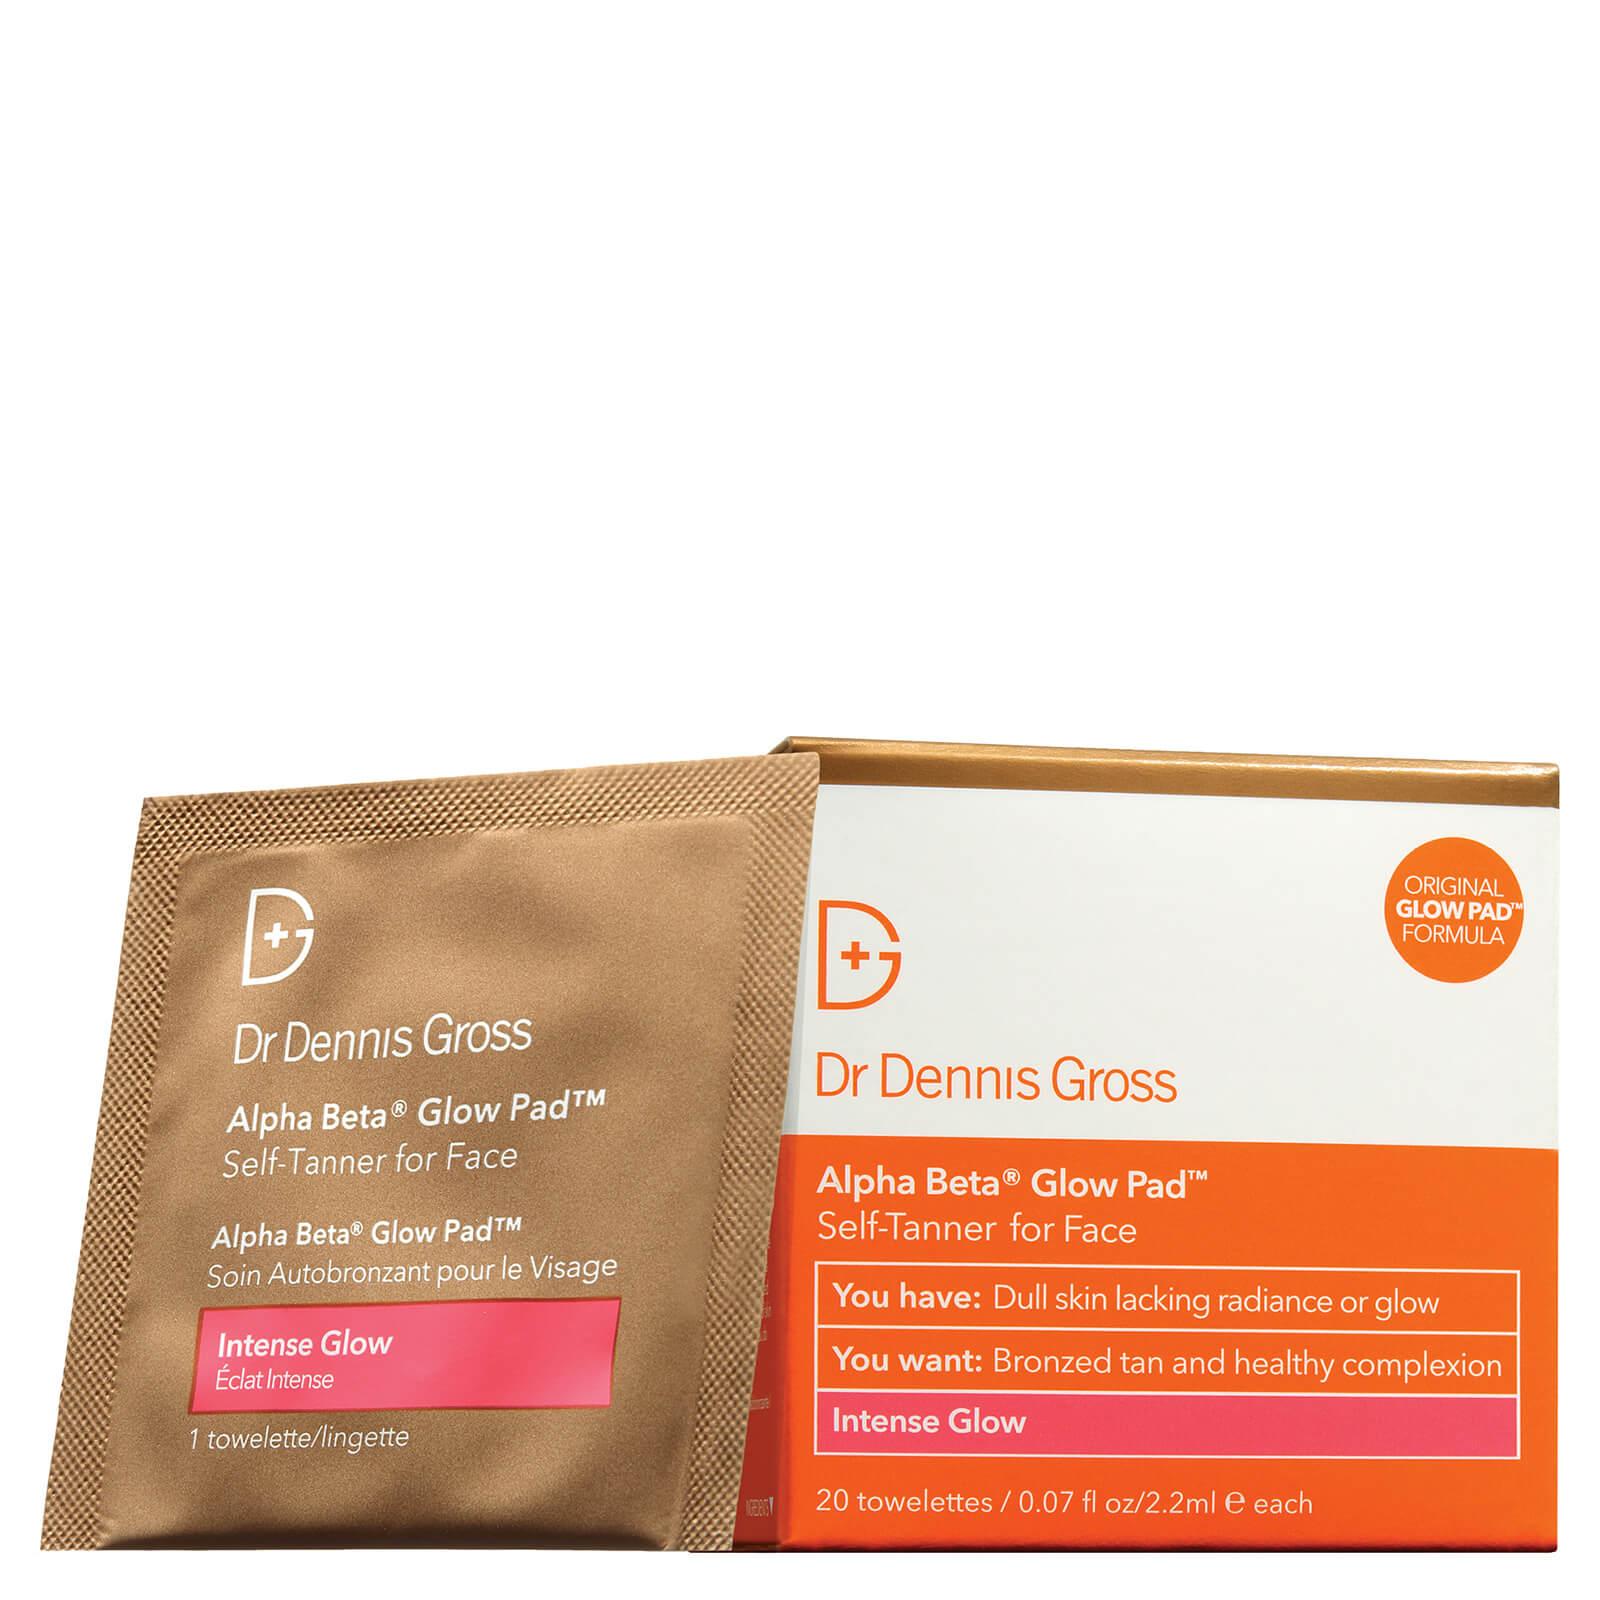 Купить Салфетки для лица Alpha Beta Glow Pad™ от Dr Dennis Gross (20 шт)